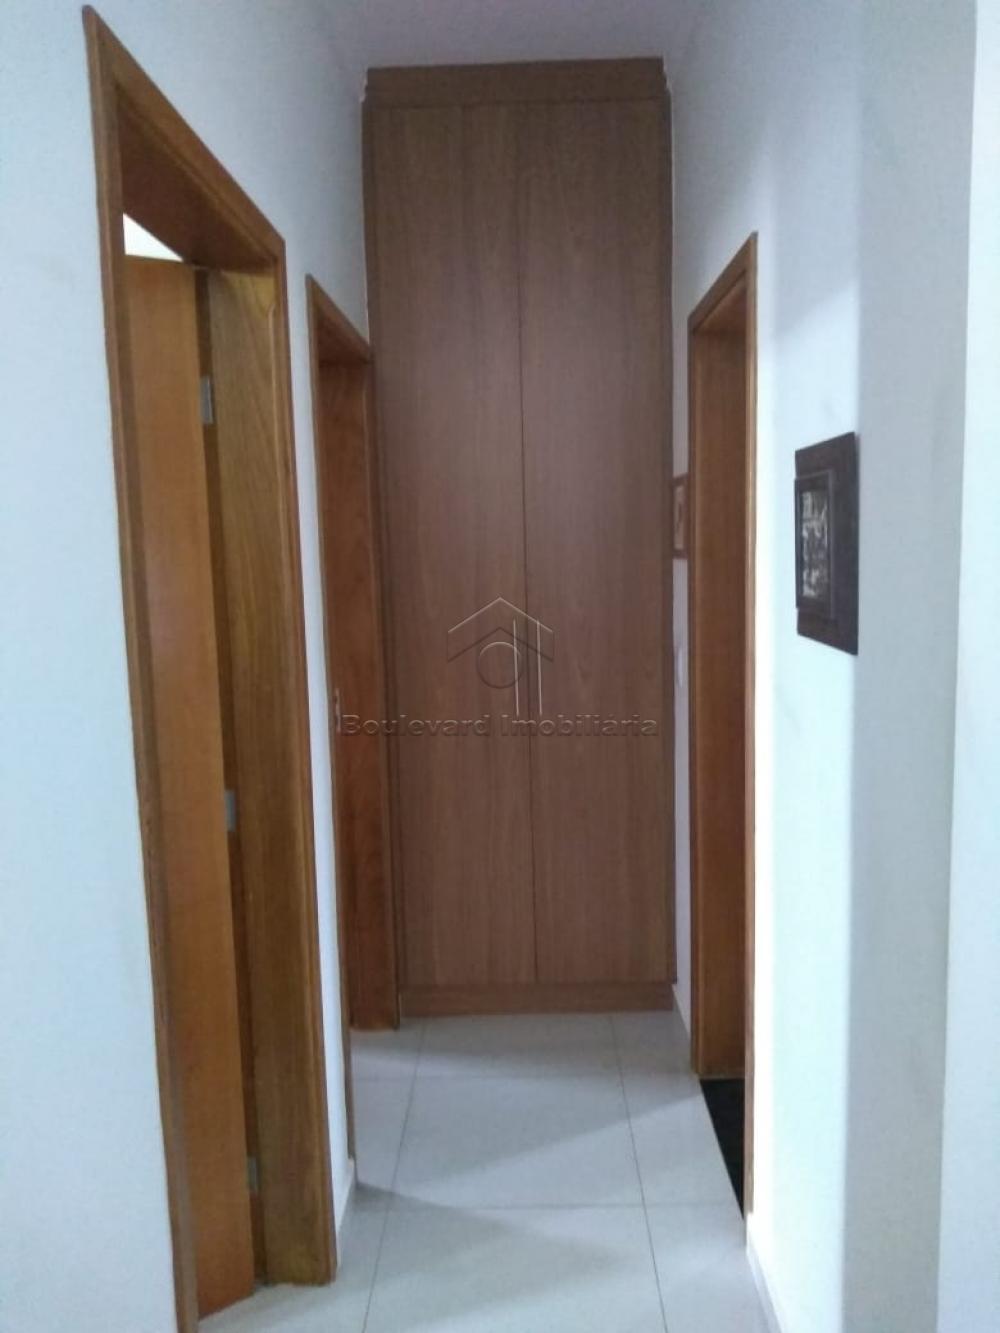 Comprar Apartamento / Padrão em Ribeirão Preto R$ 257.000,00 - Foto 7